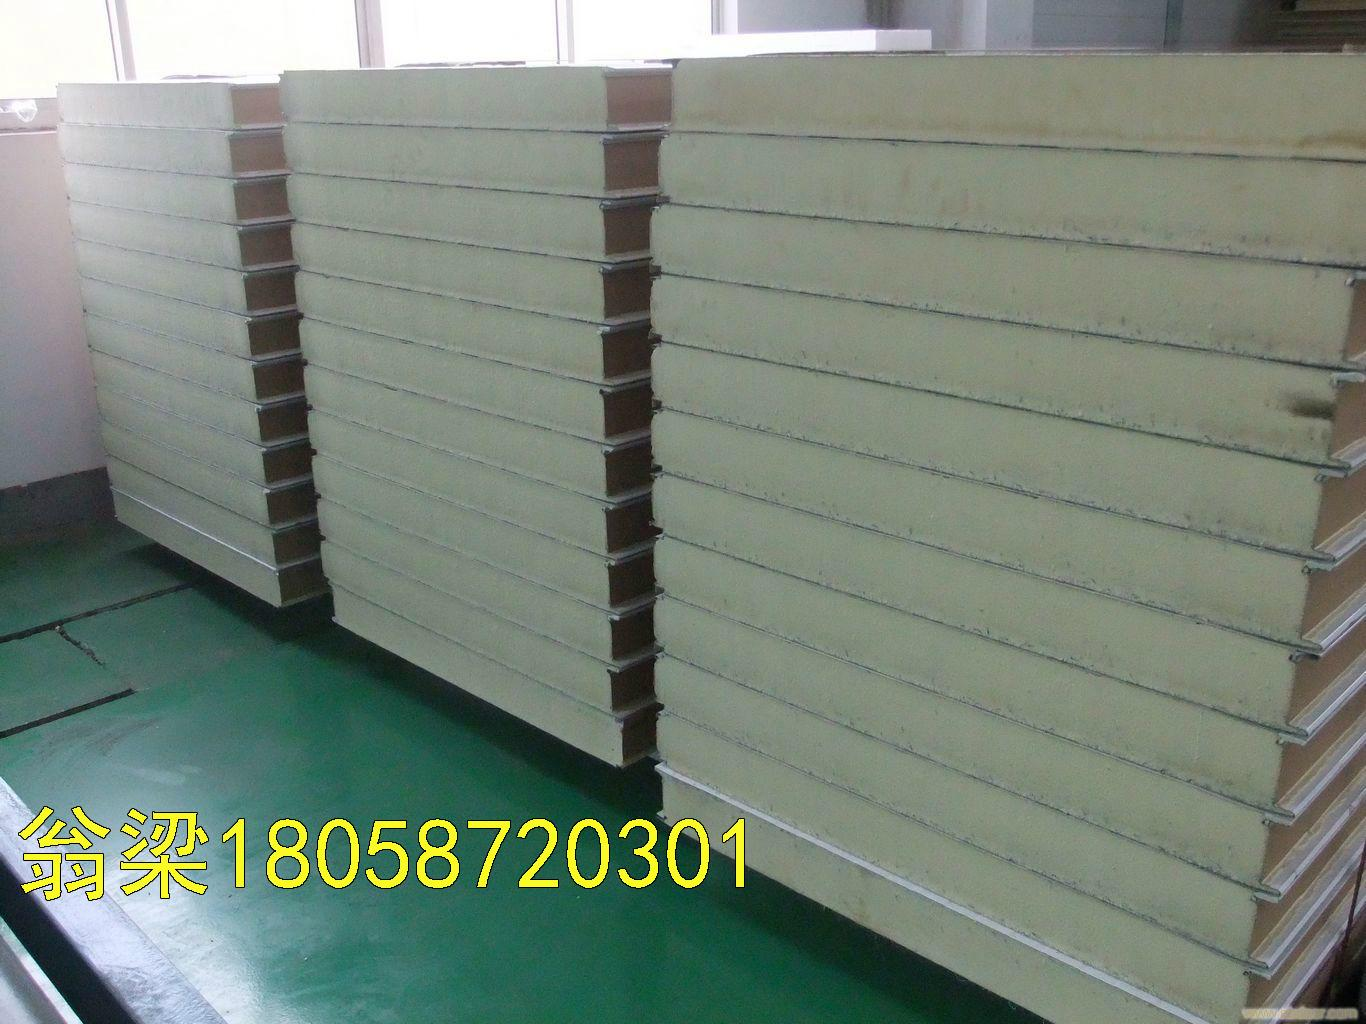 供应甘蓝彩钢聚氨酯夹芯板隔热保温板 4